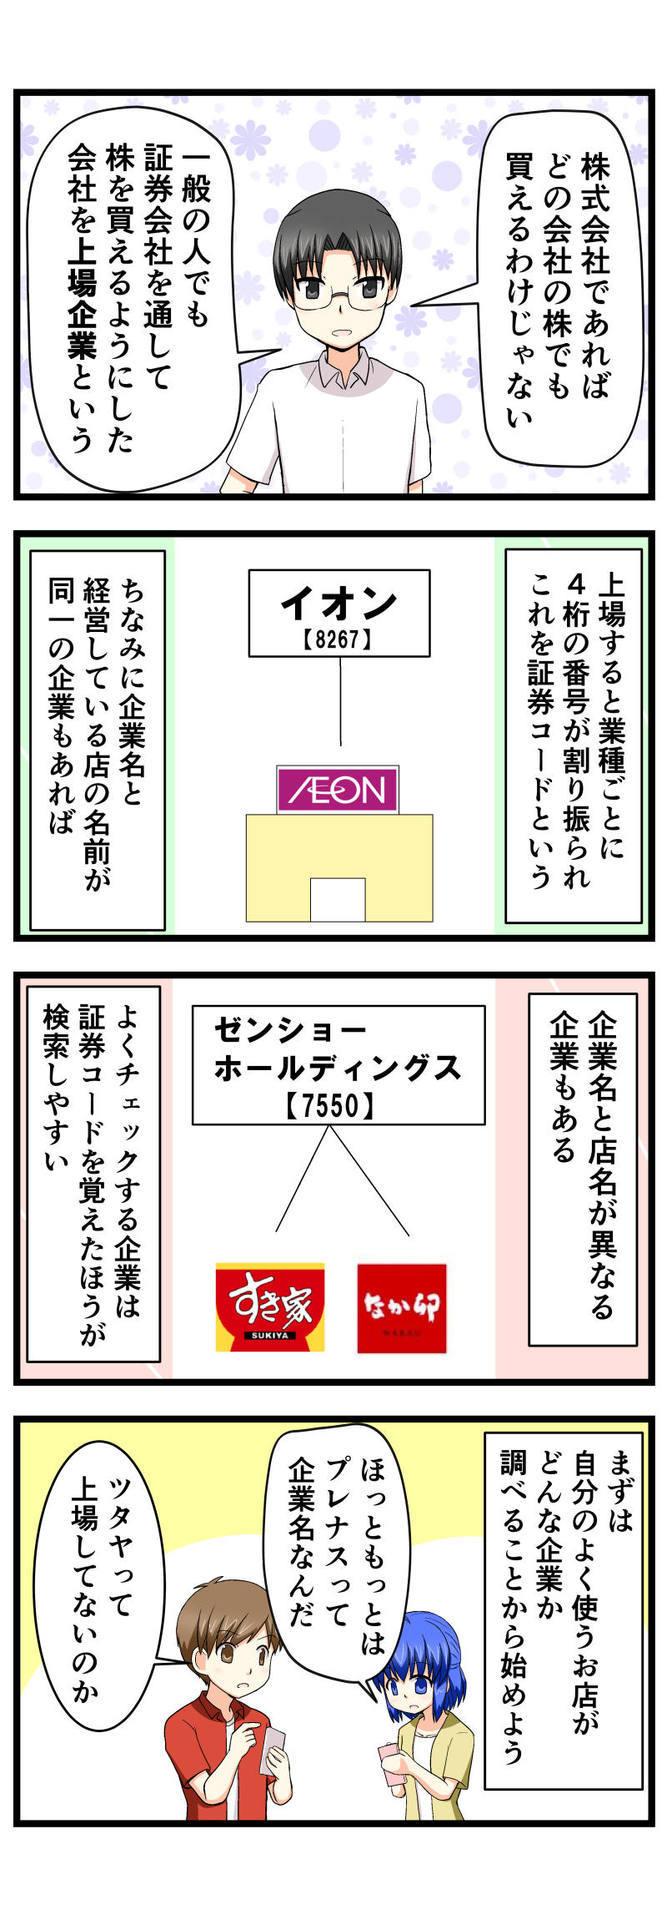 萌える株セミナー44.jpg